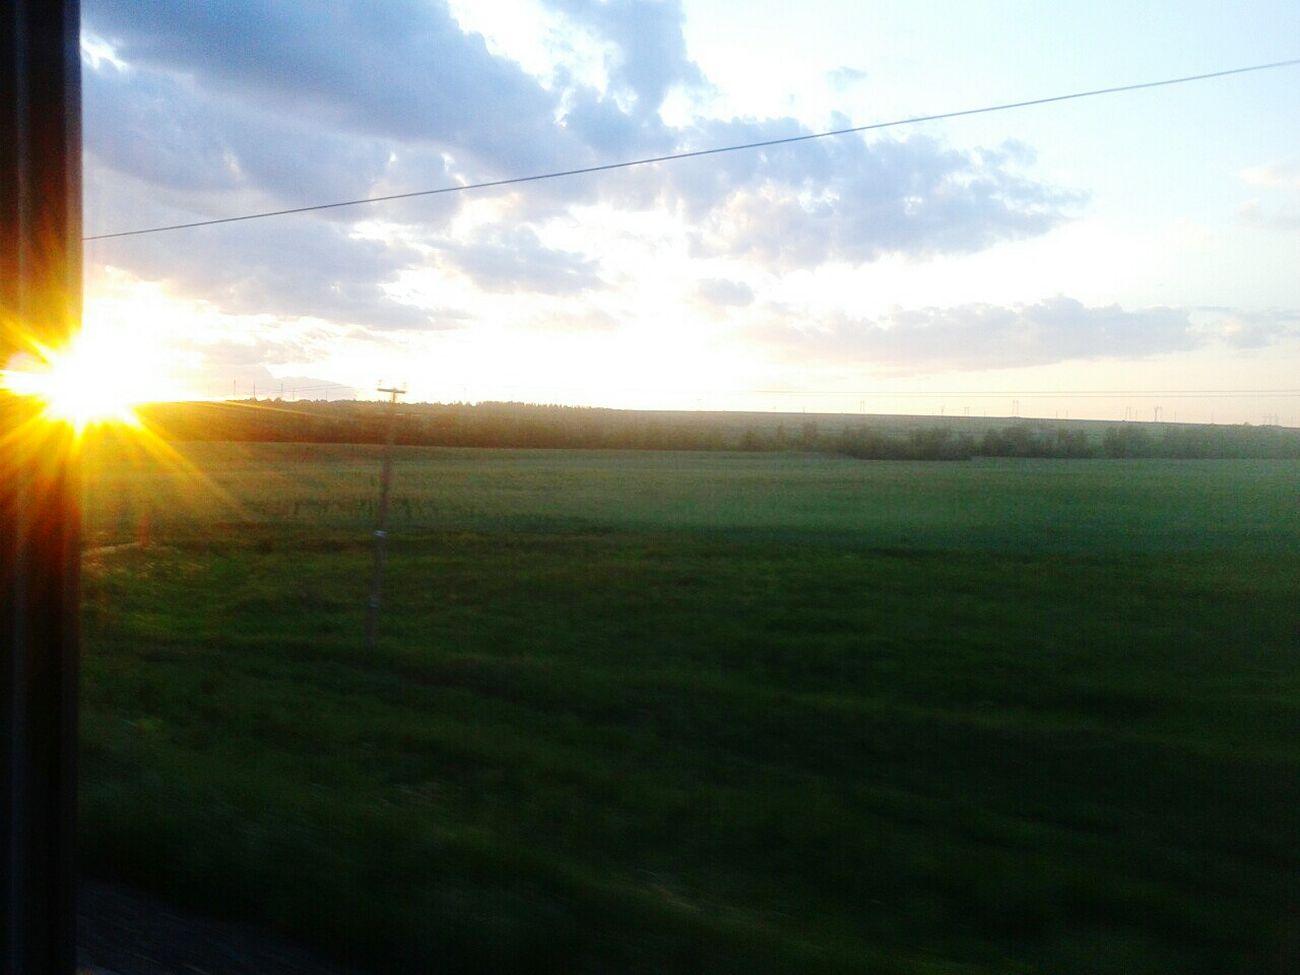 Закат в дороге мобильник прекрасныйвид